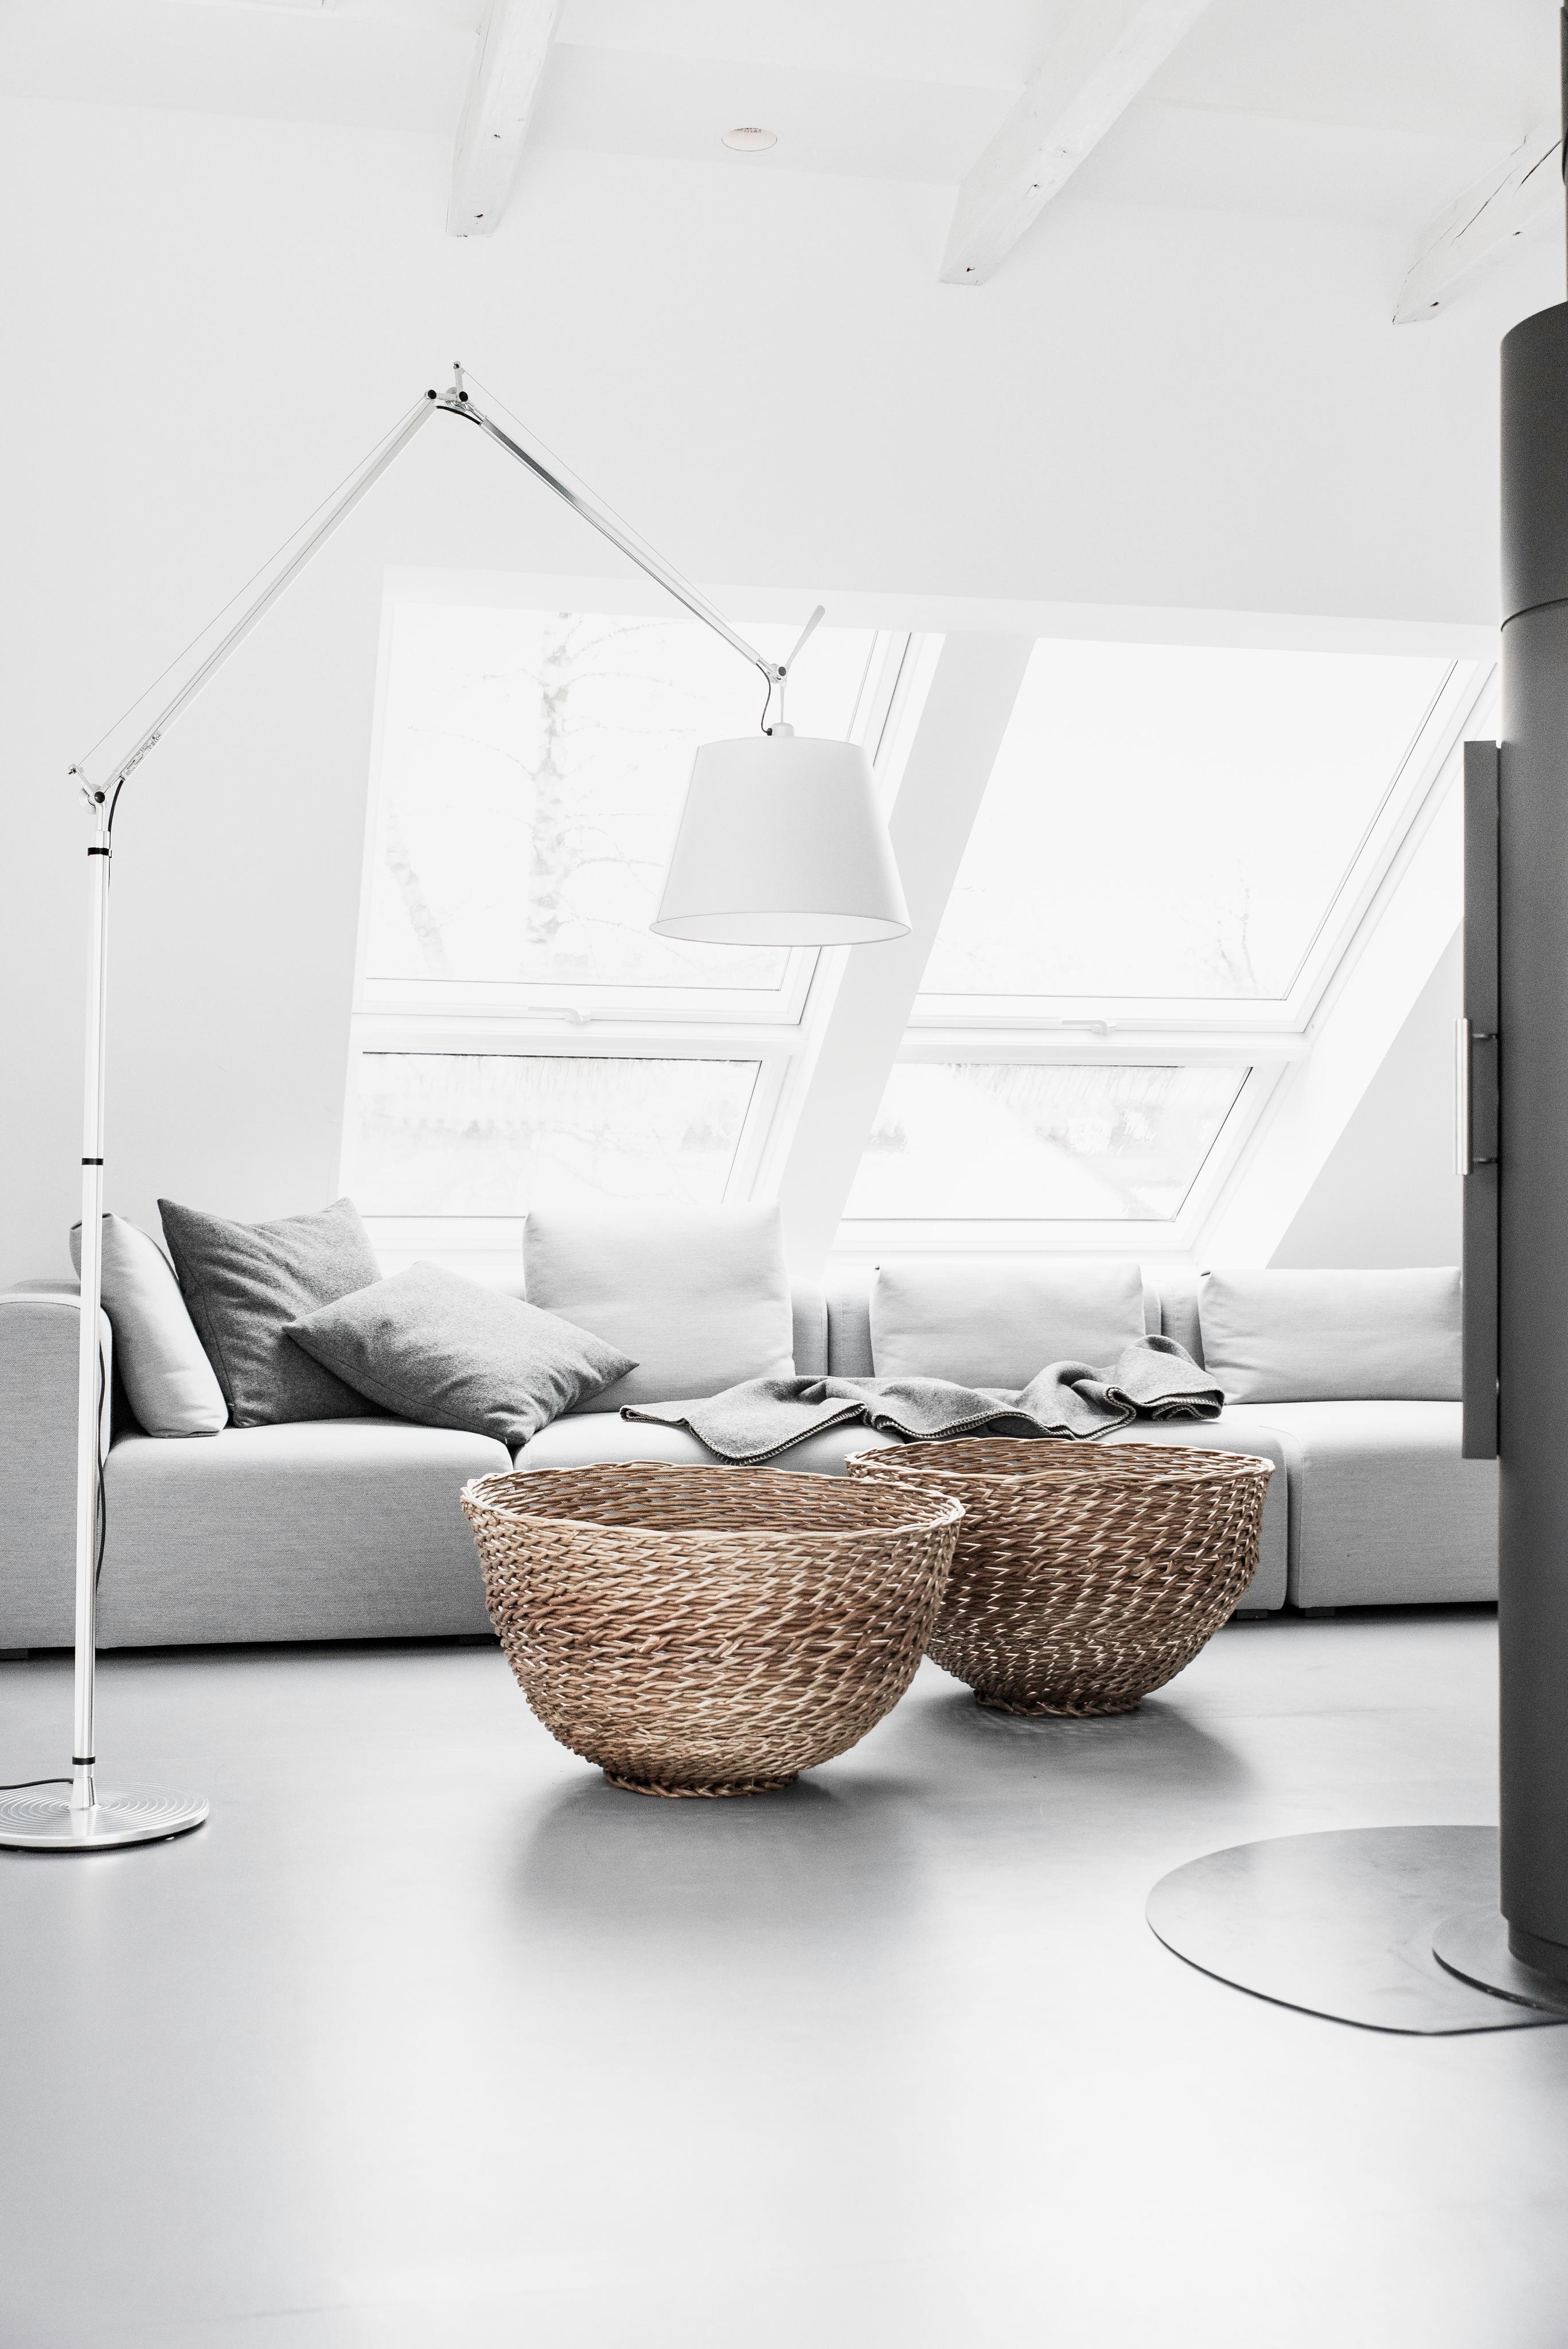 Körbe im Wohnzimmer für Kissen und Feuerholz! #wohn....